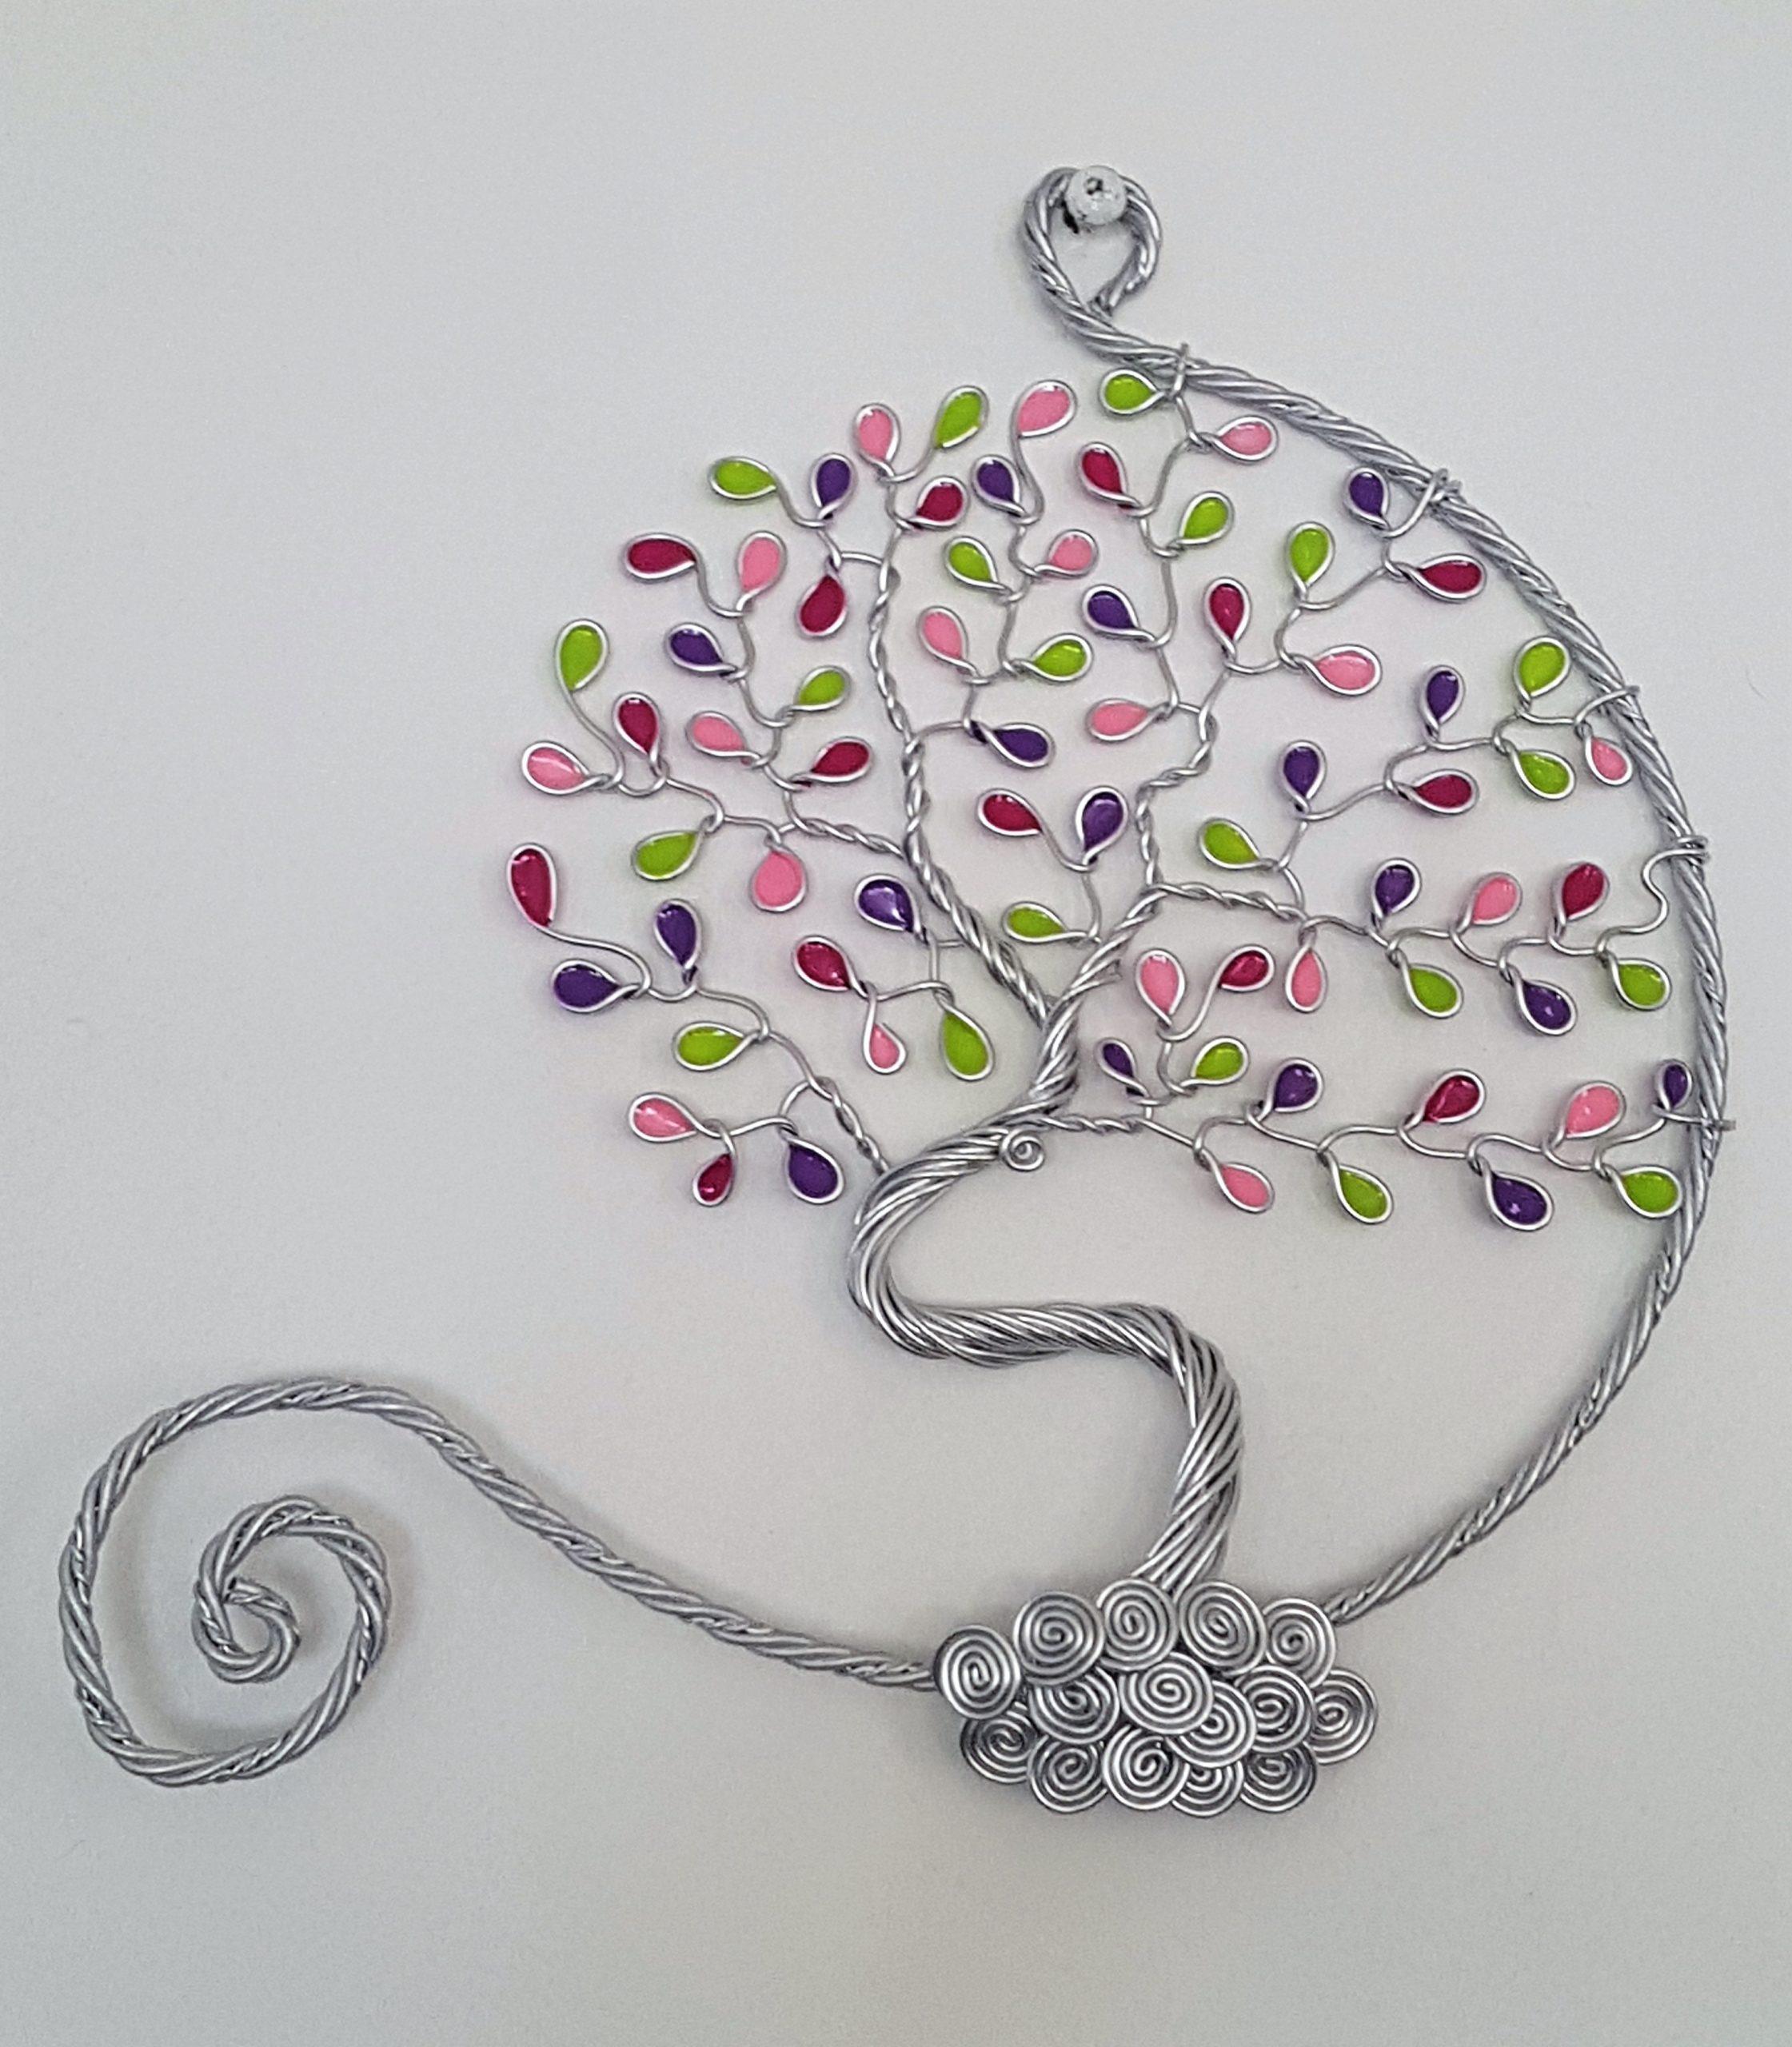 20 cm – Feuilles roses, violettes et vertes – Argenté – Ouvert